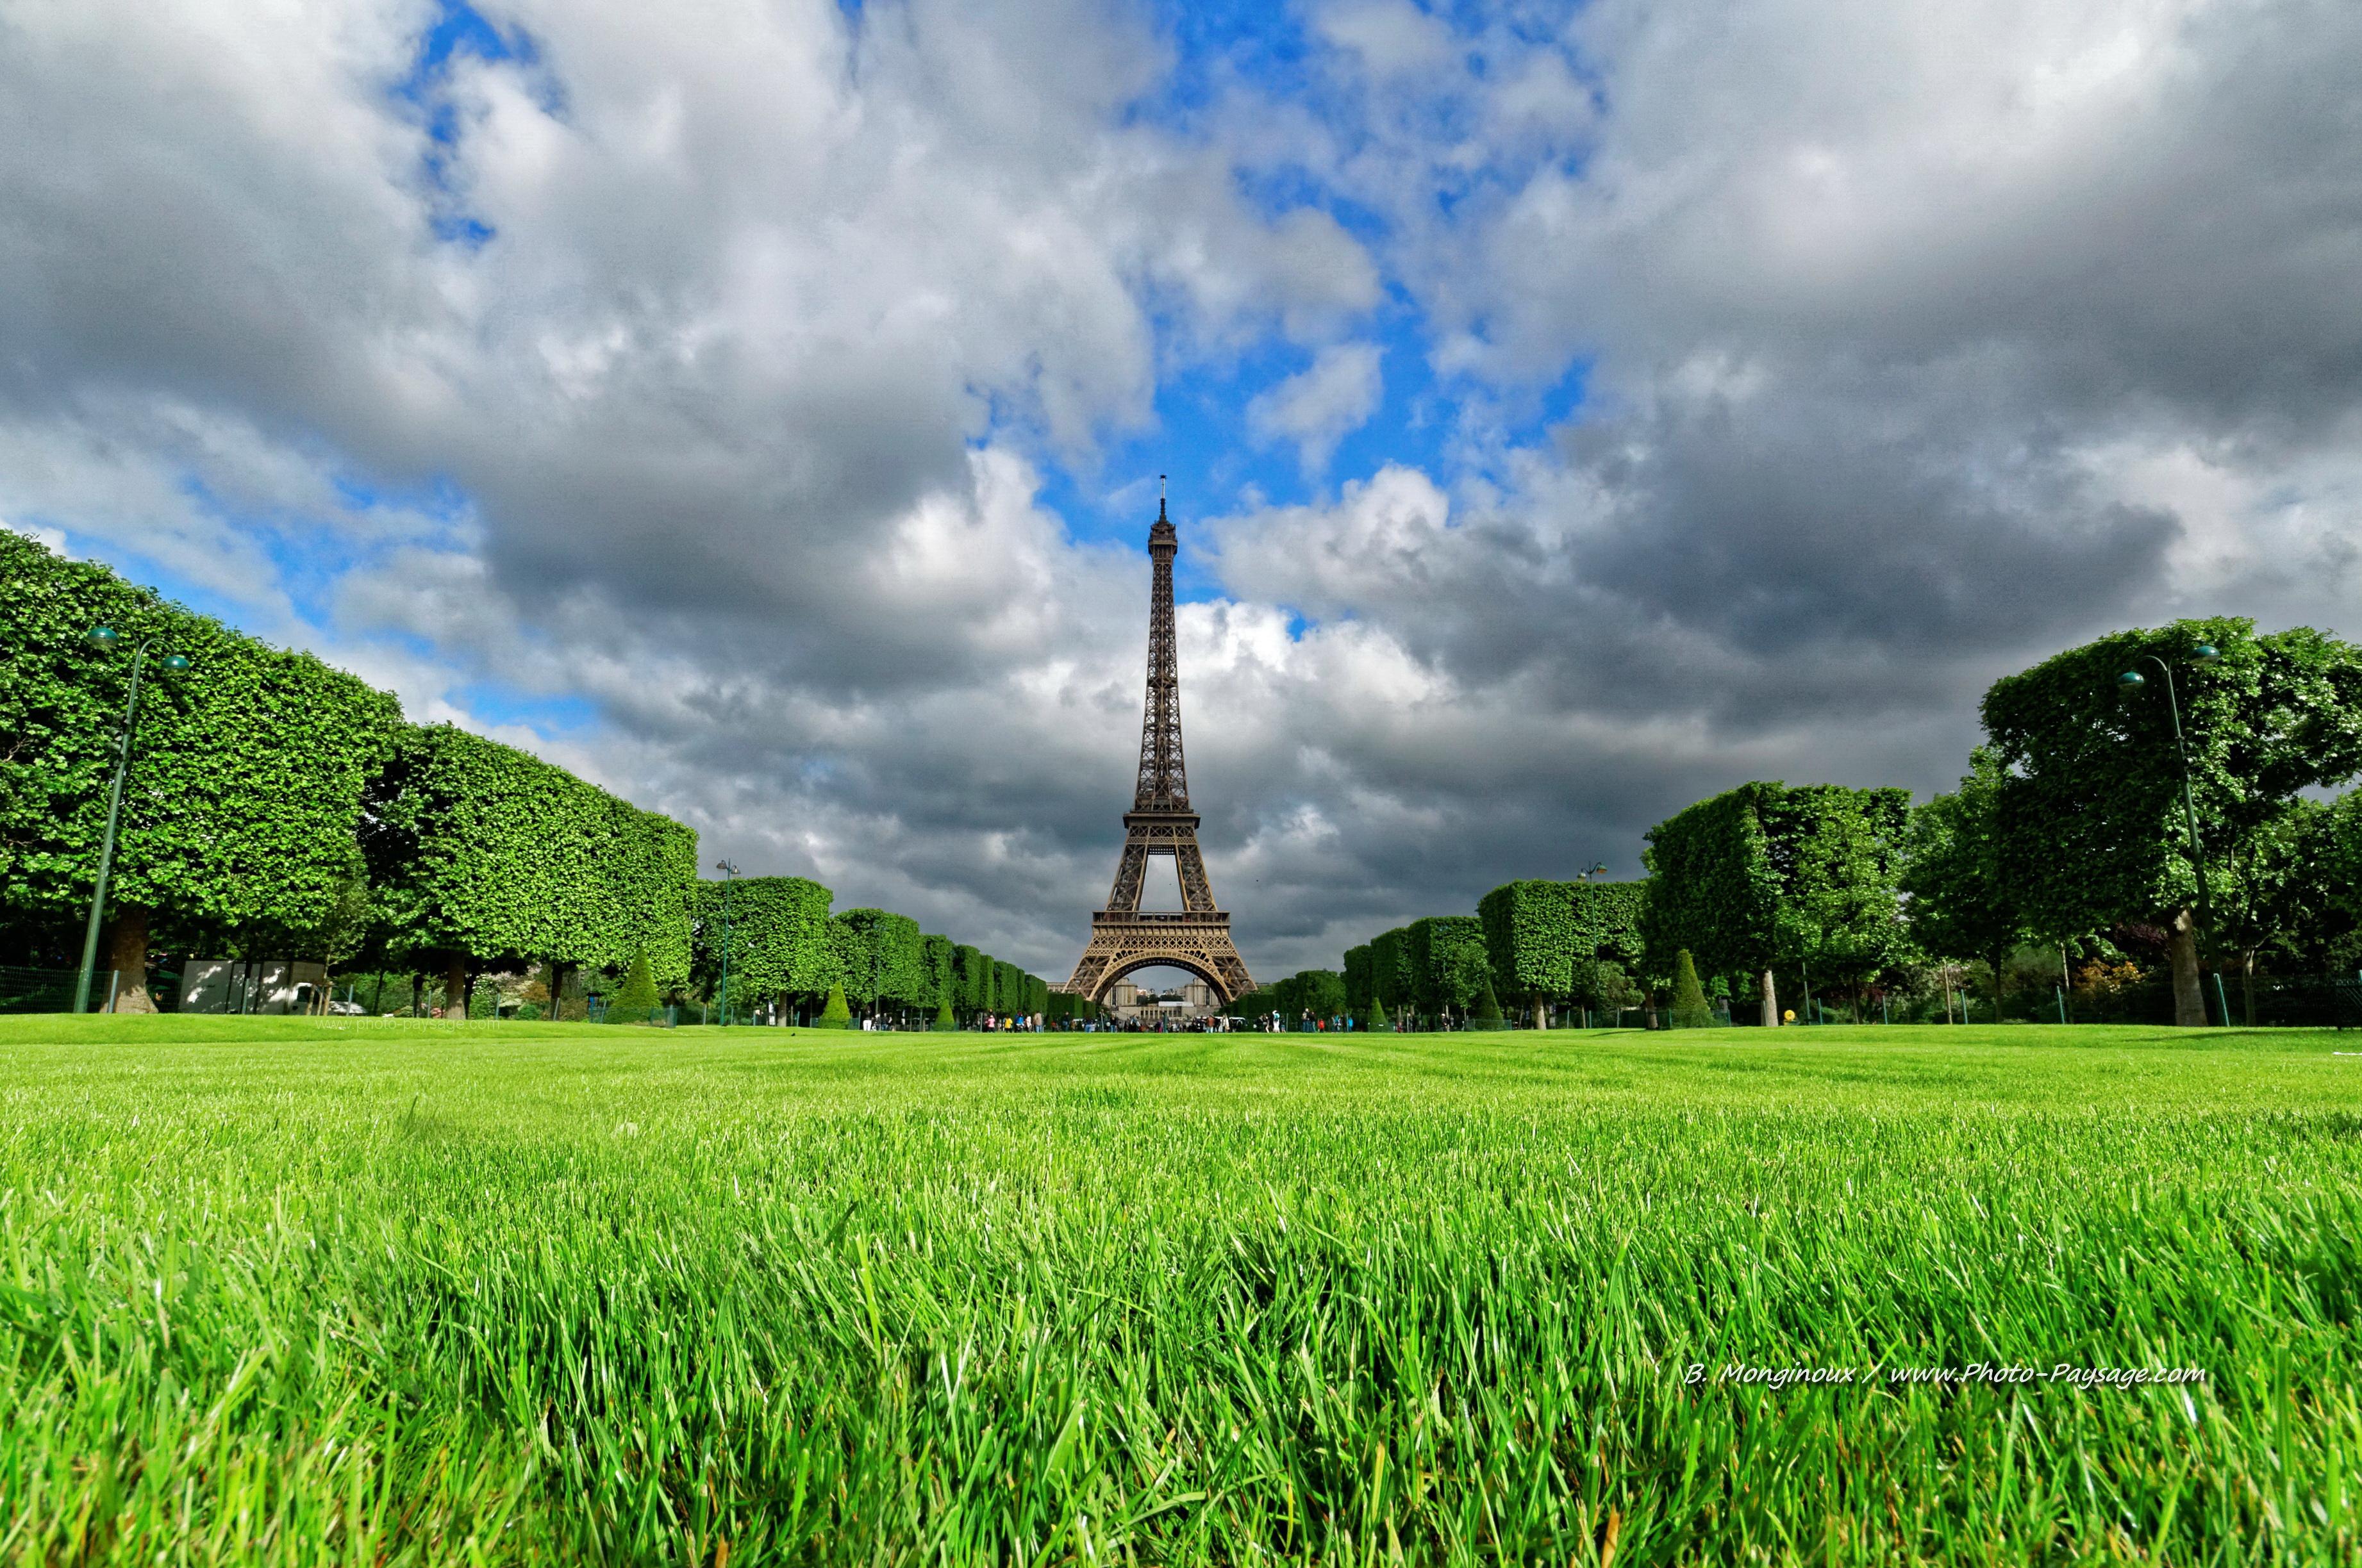 Ville De Paris D Ef Bf Bdbarrassage Des Objets